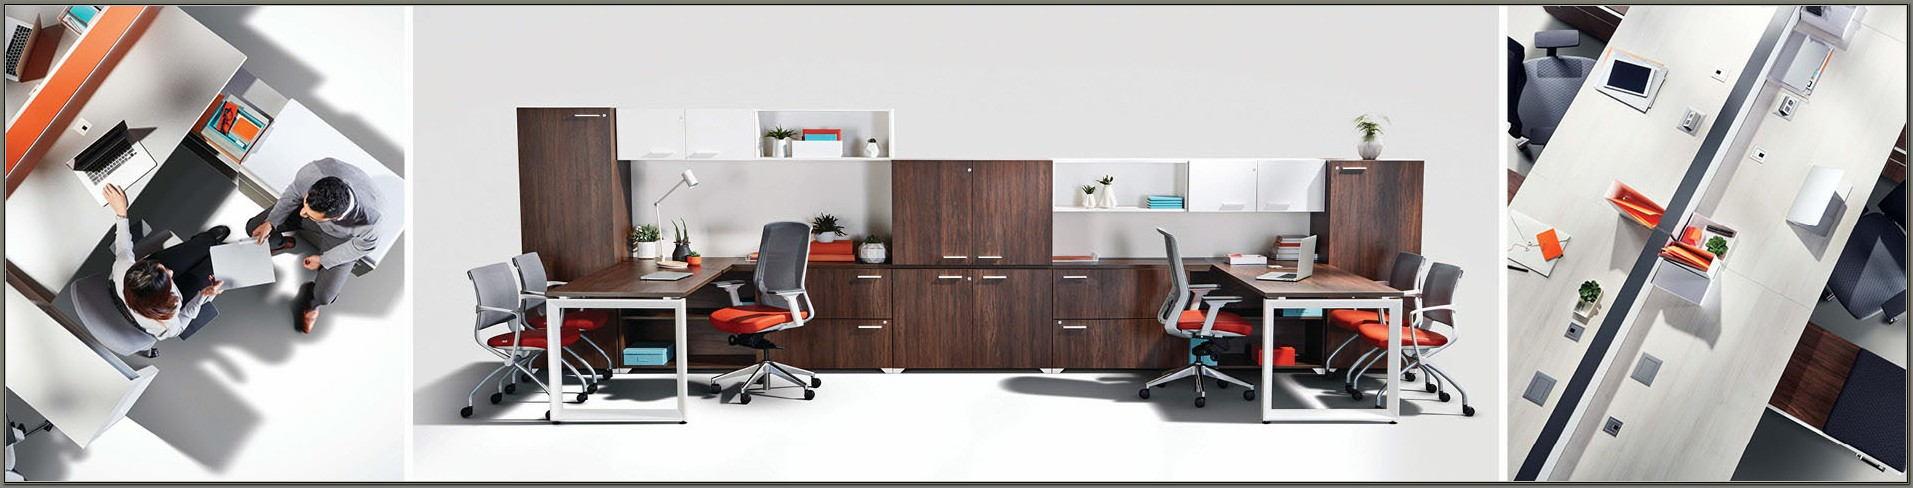 Ikea Office Furniture Desks Workstations